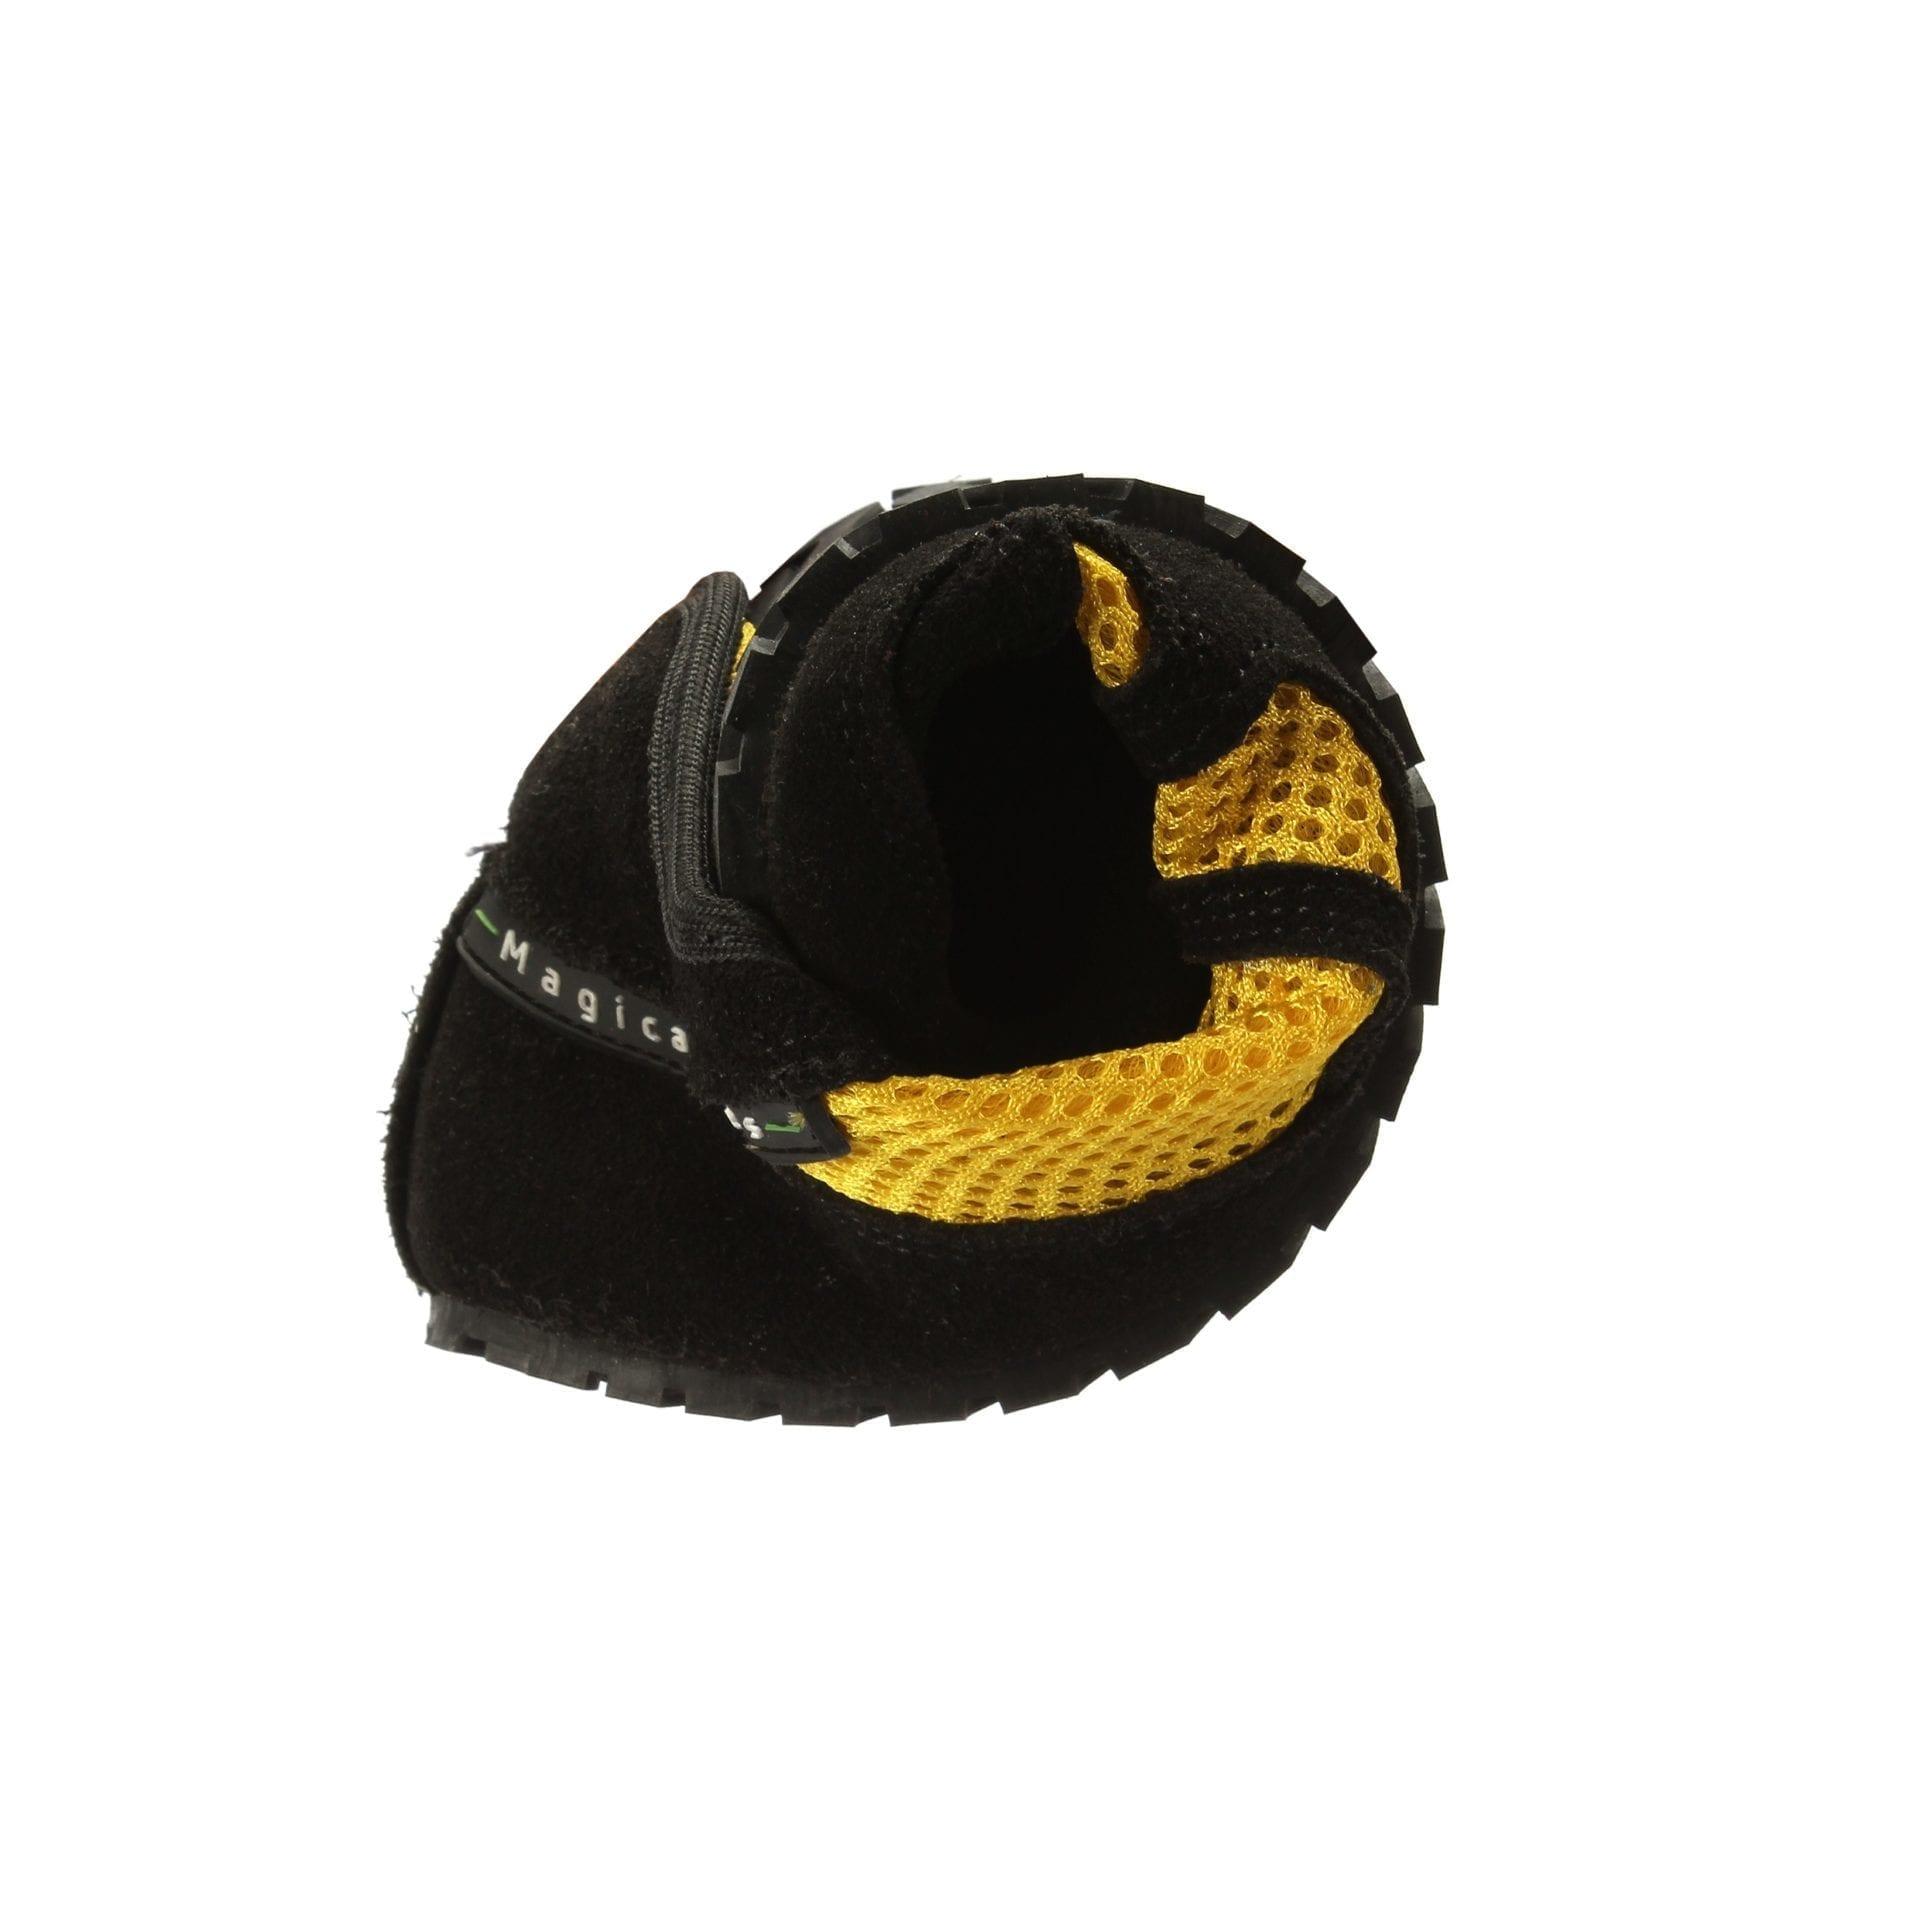 Barfußschuh-Hersteller Magical Shoes Explorer Lemon Splash  Barfußschuhe für natürliches und gesundes Gehen & Laufen elastisch